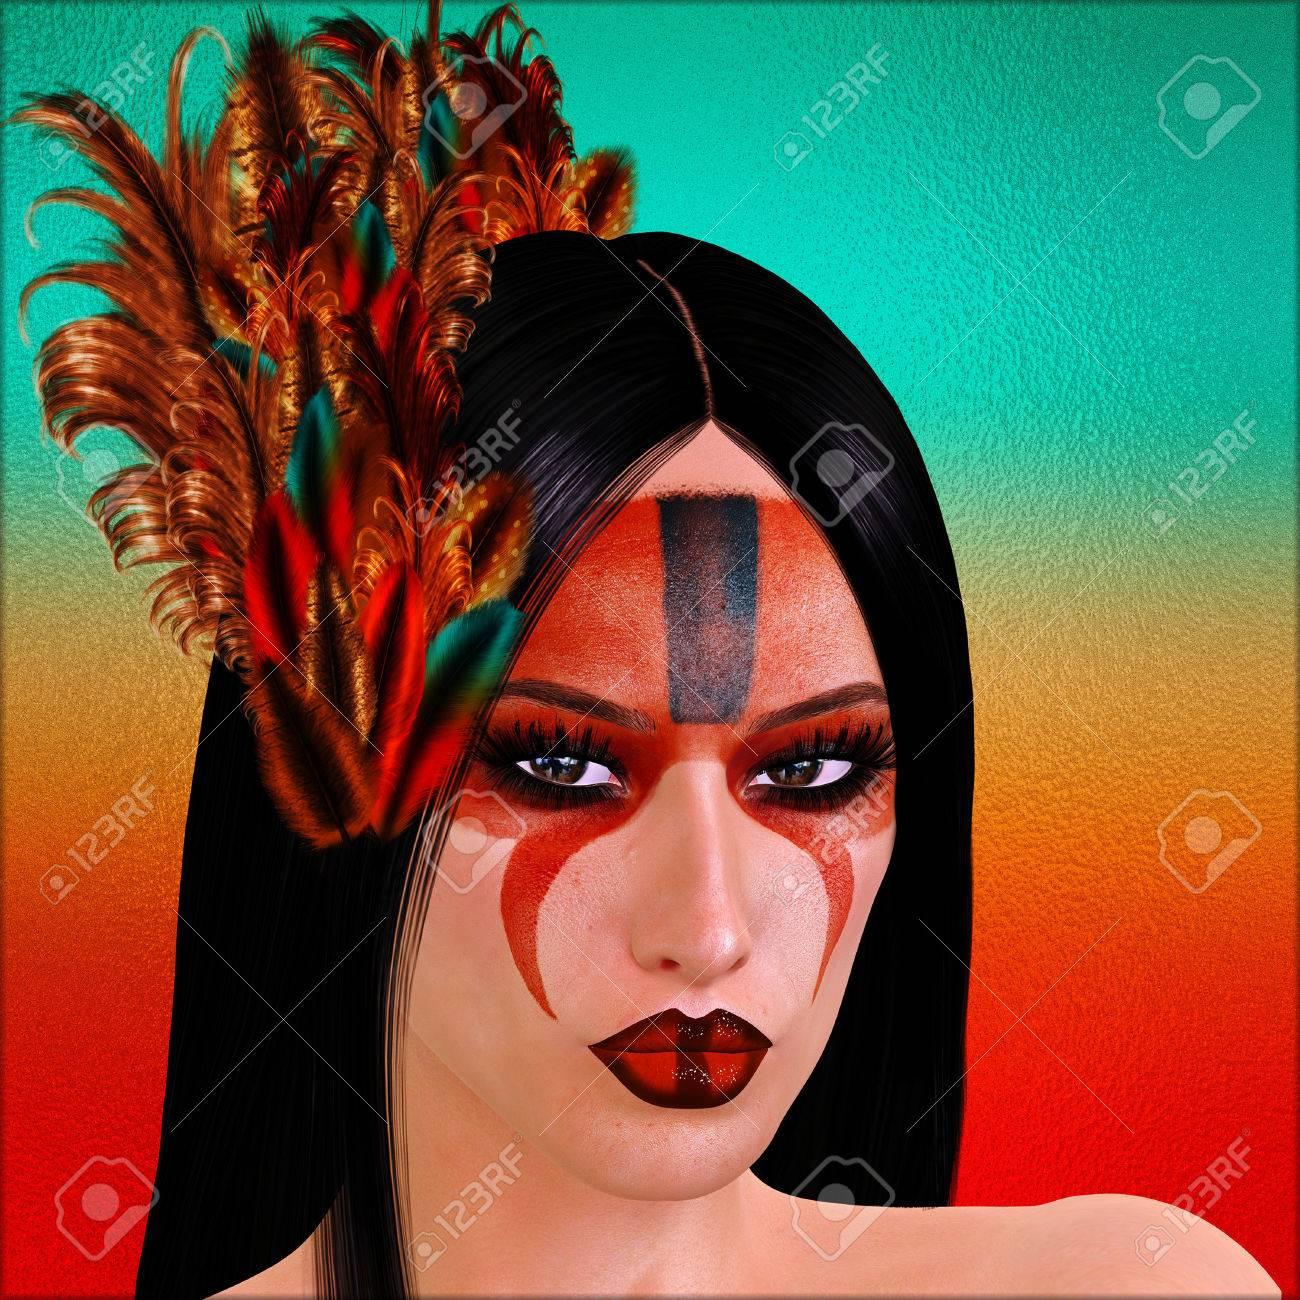 Wunderschön Gesicht Bemalen Referenz Von Native American Galleryn Mit Bemalten Und Federn.